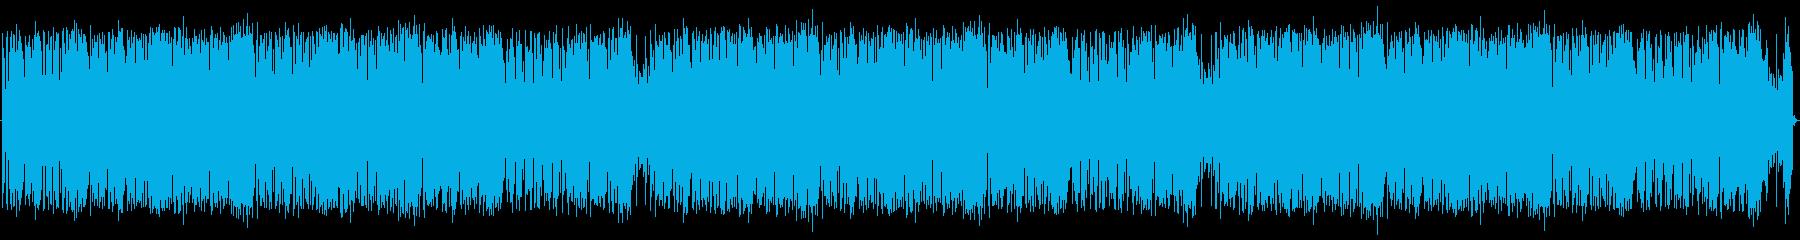 アグレッシブなドラムループとエレキ...の再生済みの波形